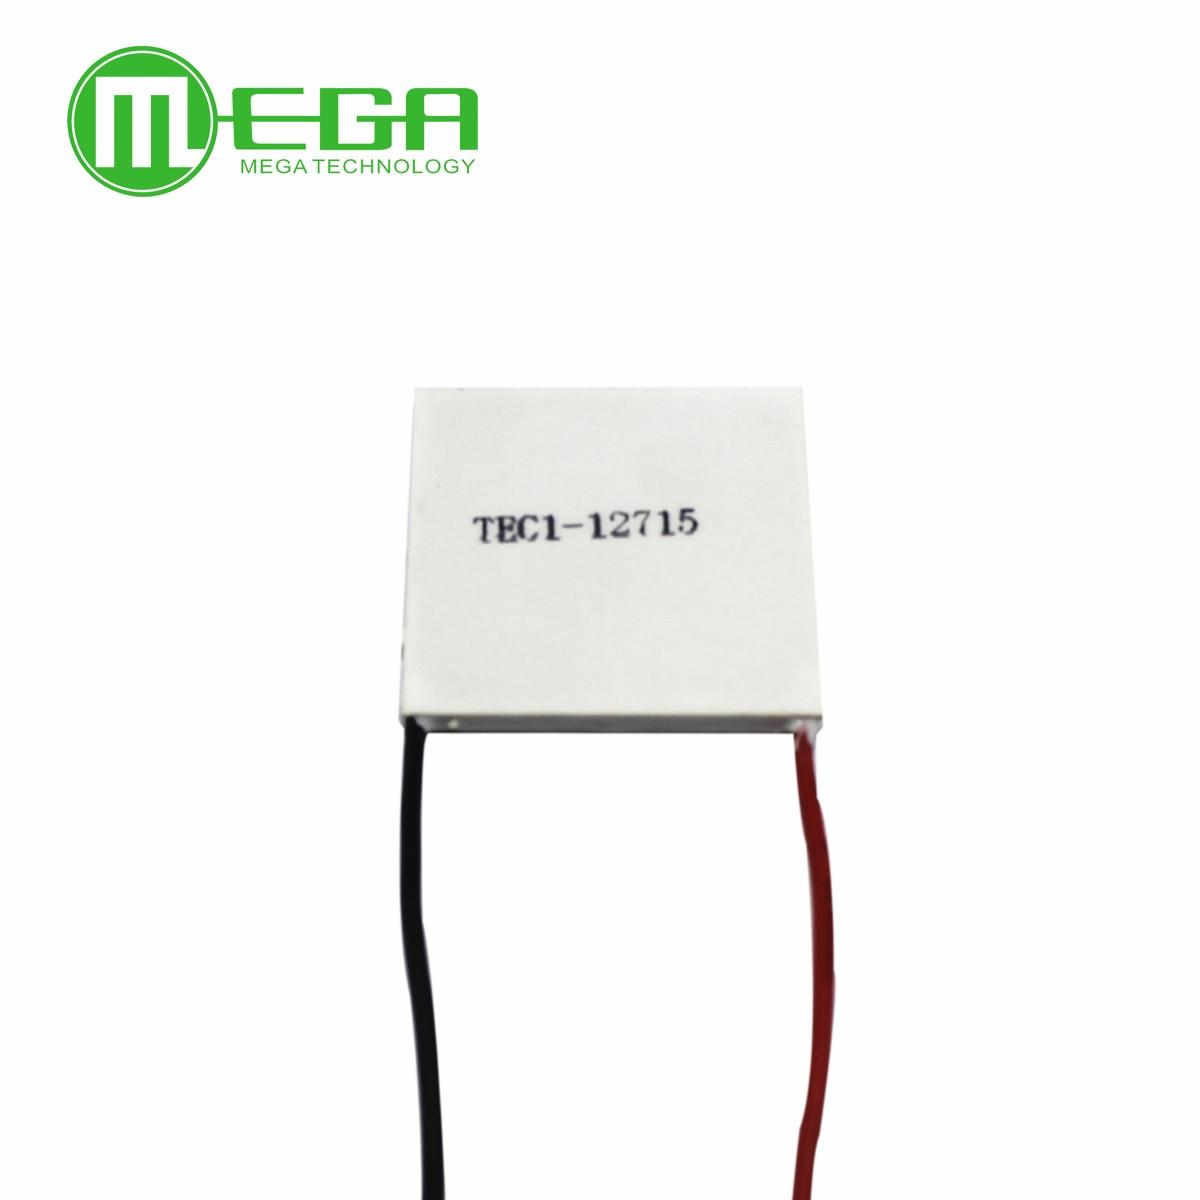 TEC1 12715 136.8W 12V-15.4V 15A TEC thermoelectric cooler peltier TEC1-12715 HU